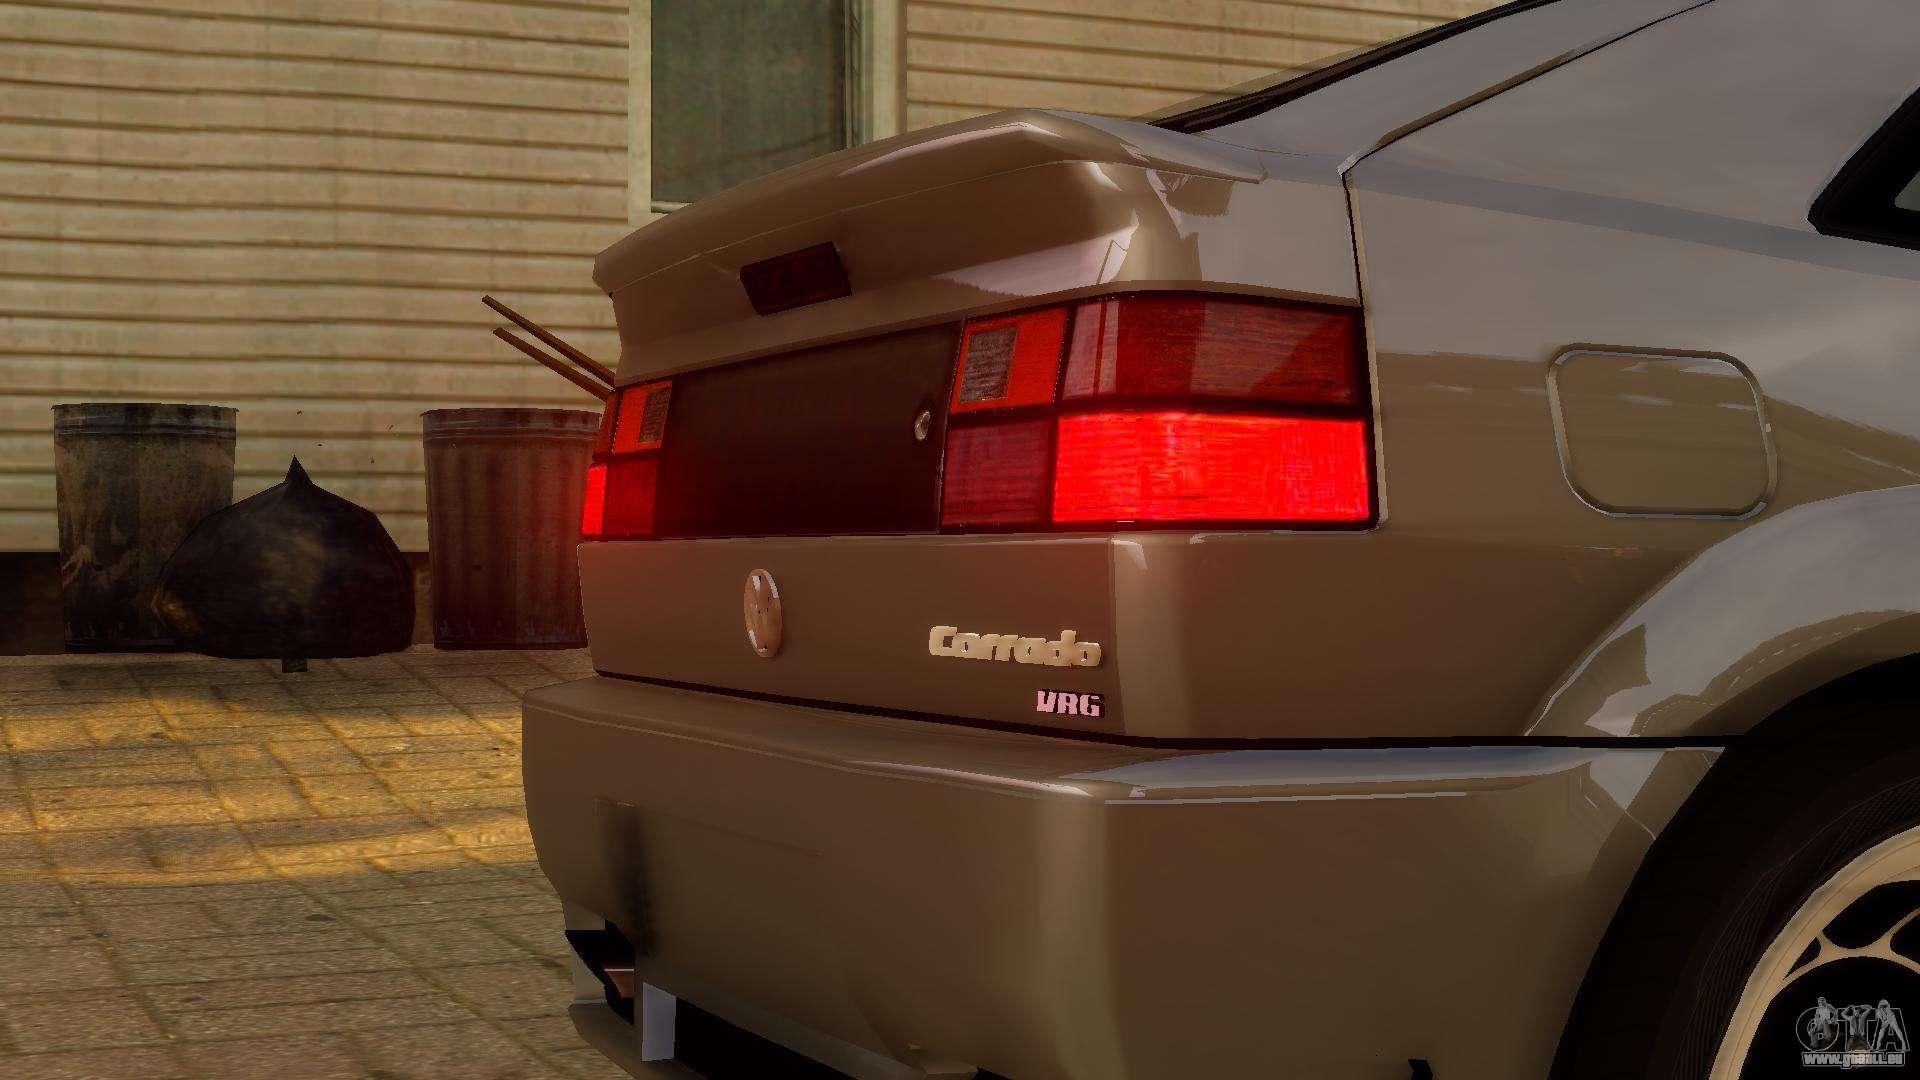 Volkswagen corrado vr6 1995 pour gta 4 for Entreposage interieur pour vr